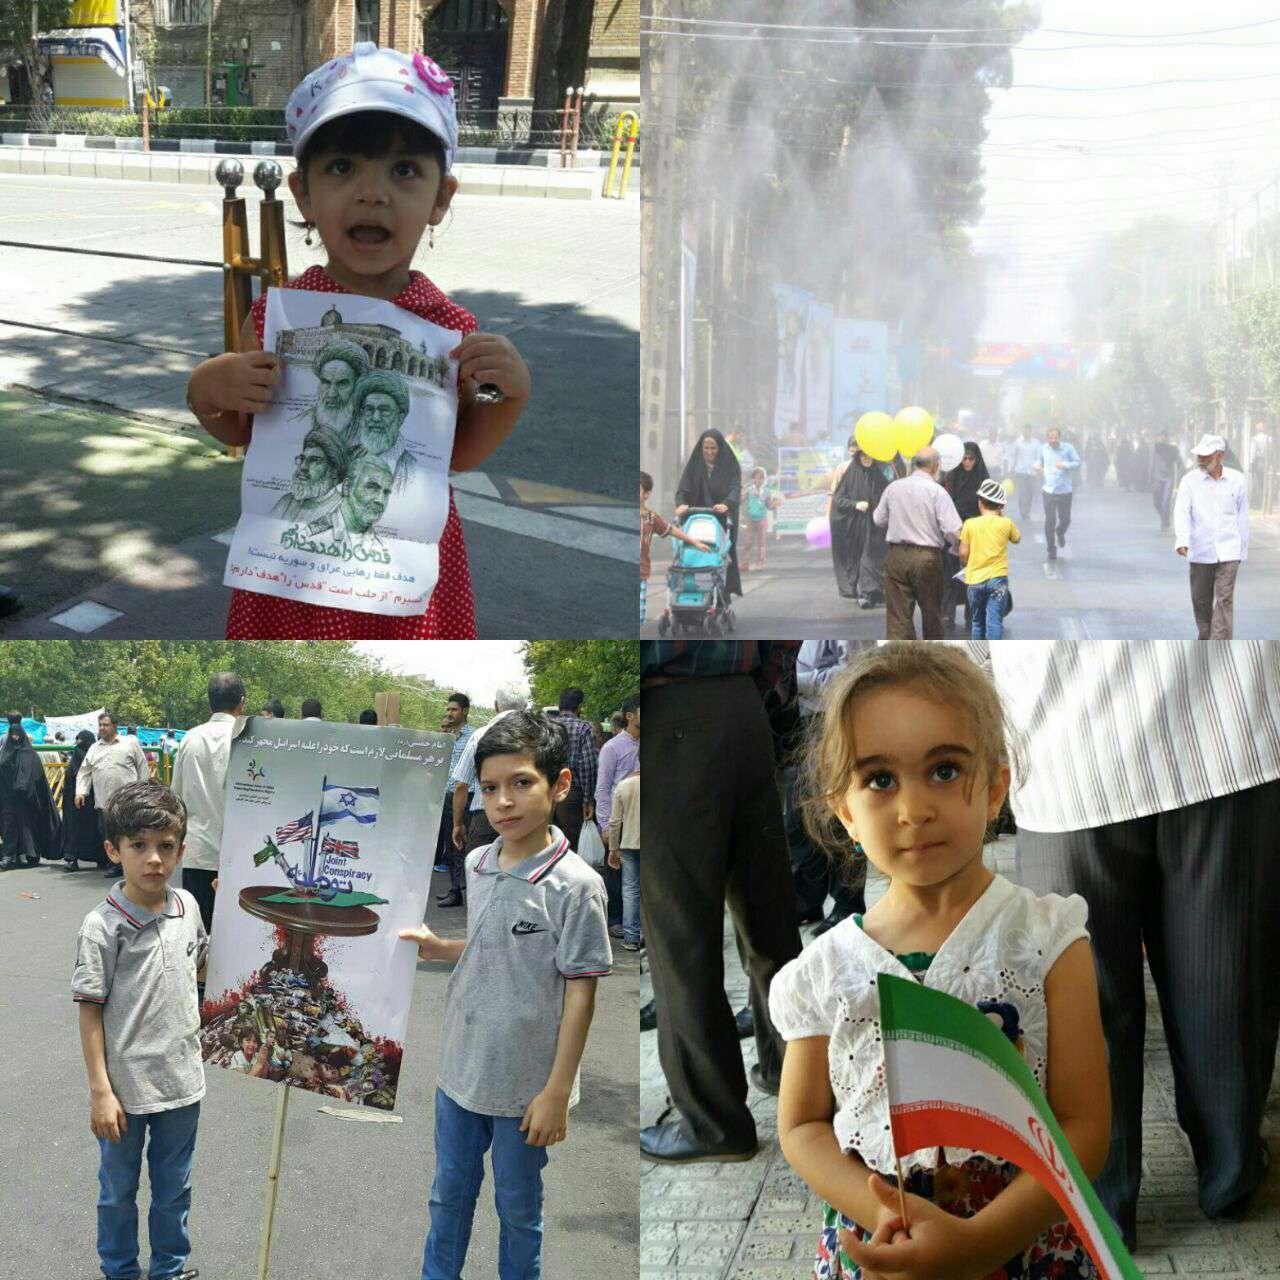 عکس های ارسالی همراهان عزیز کانال خبر فوری از راهپیمایی روز قدس